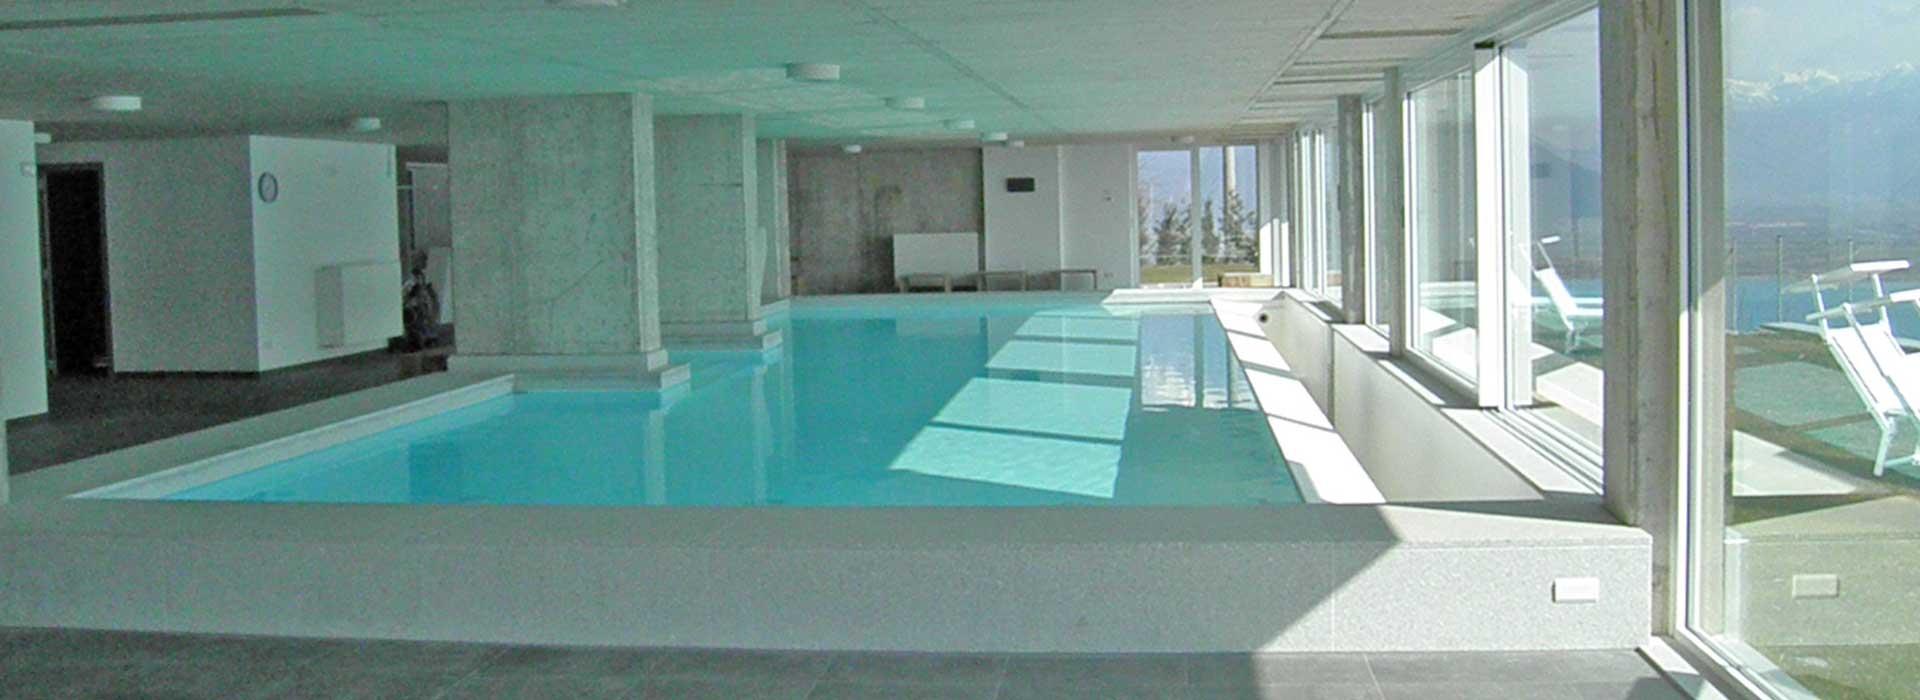 Balkon Wã¤Schestã¤Nder | Ferienwohnung Comer See Ferienhaus Comer See Resort Valarin Napoli